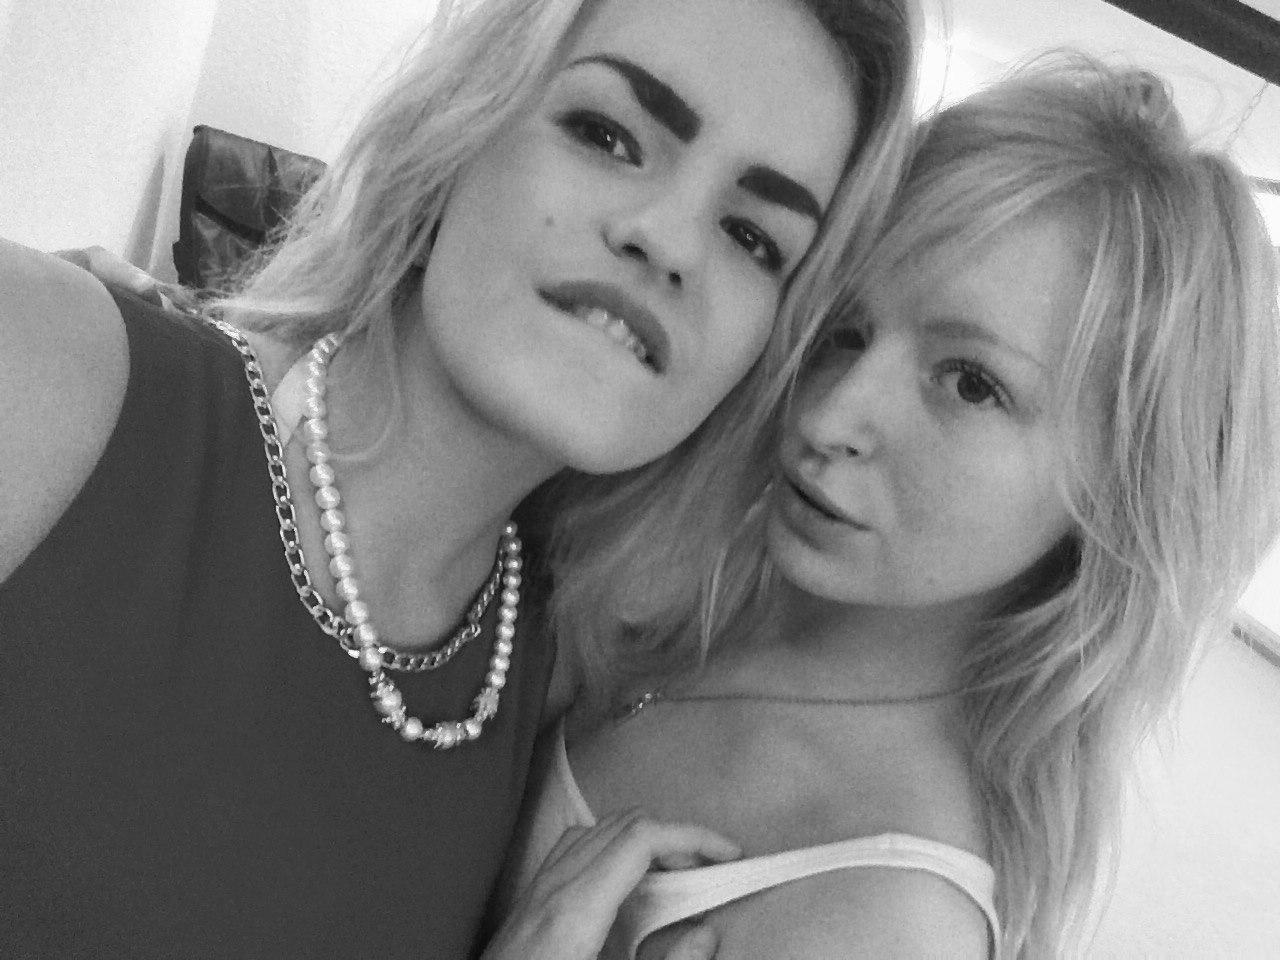 На Росії 17-річну модель вбила сестра, яка нанесла їй 140 ножових поранень (ФОТО 18+) - фото 2